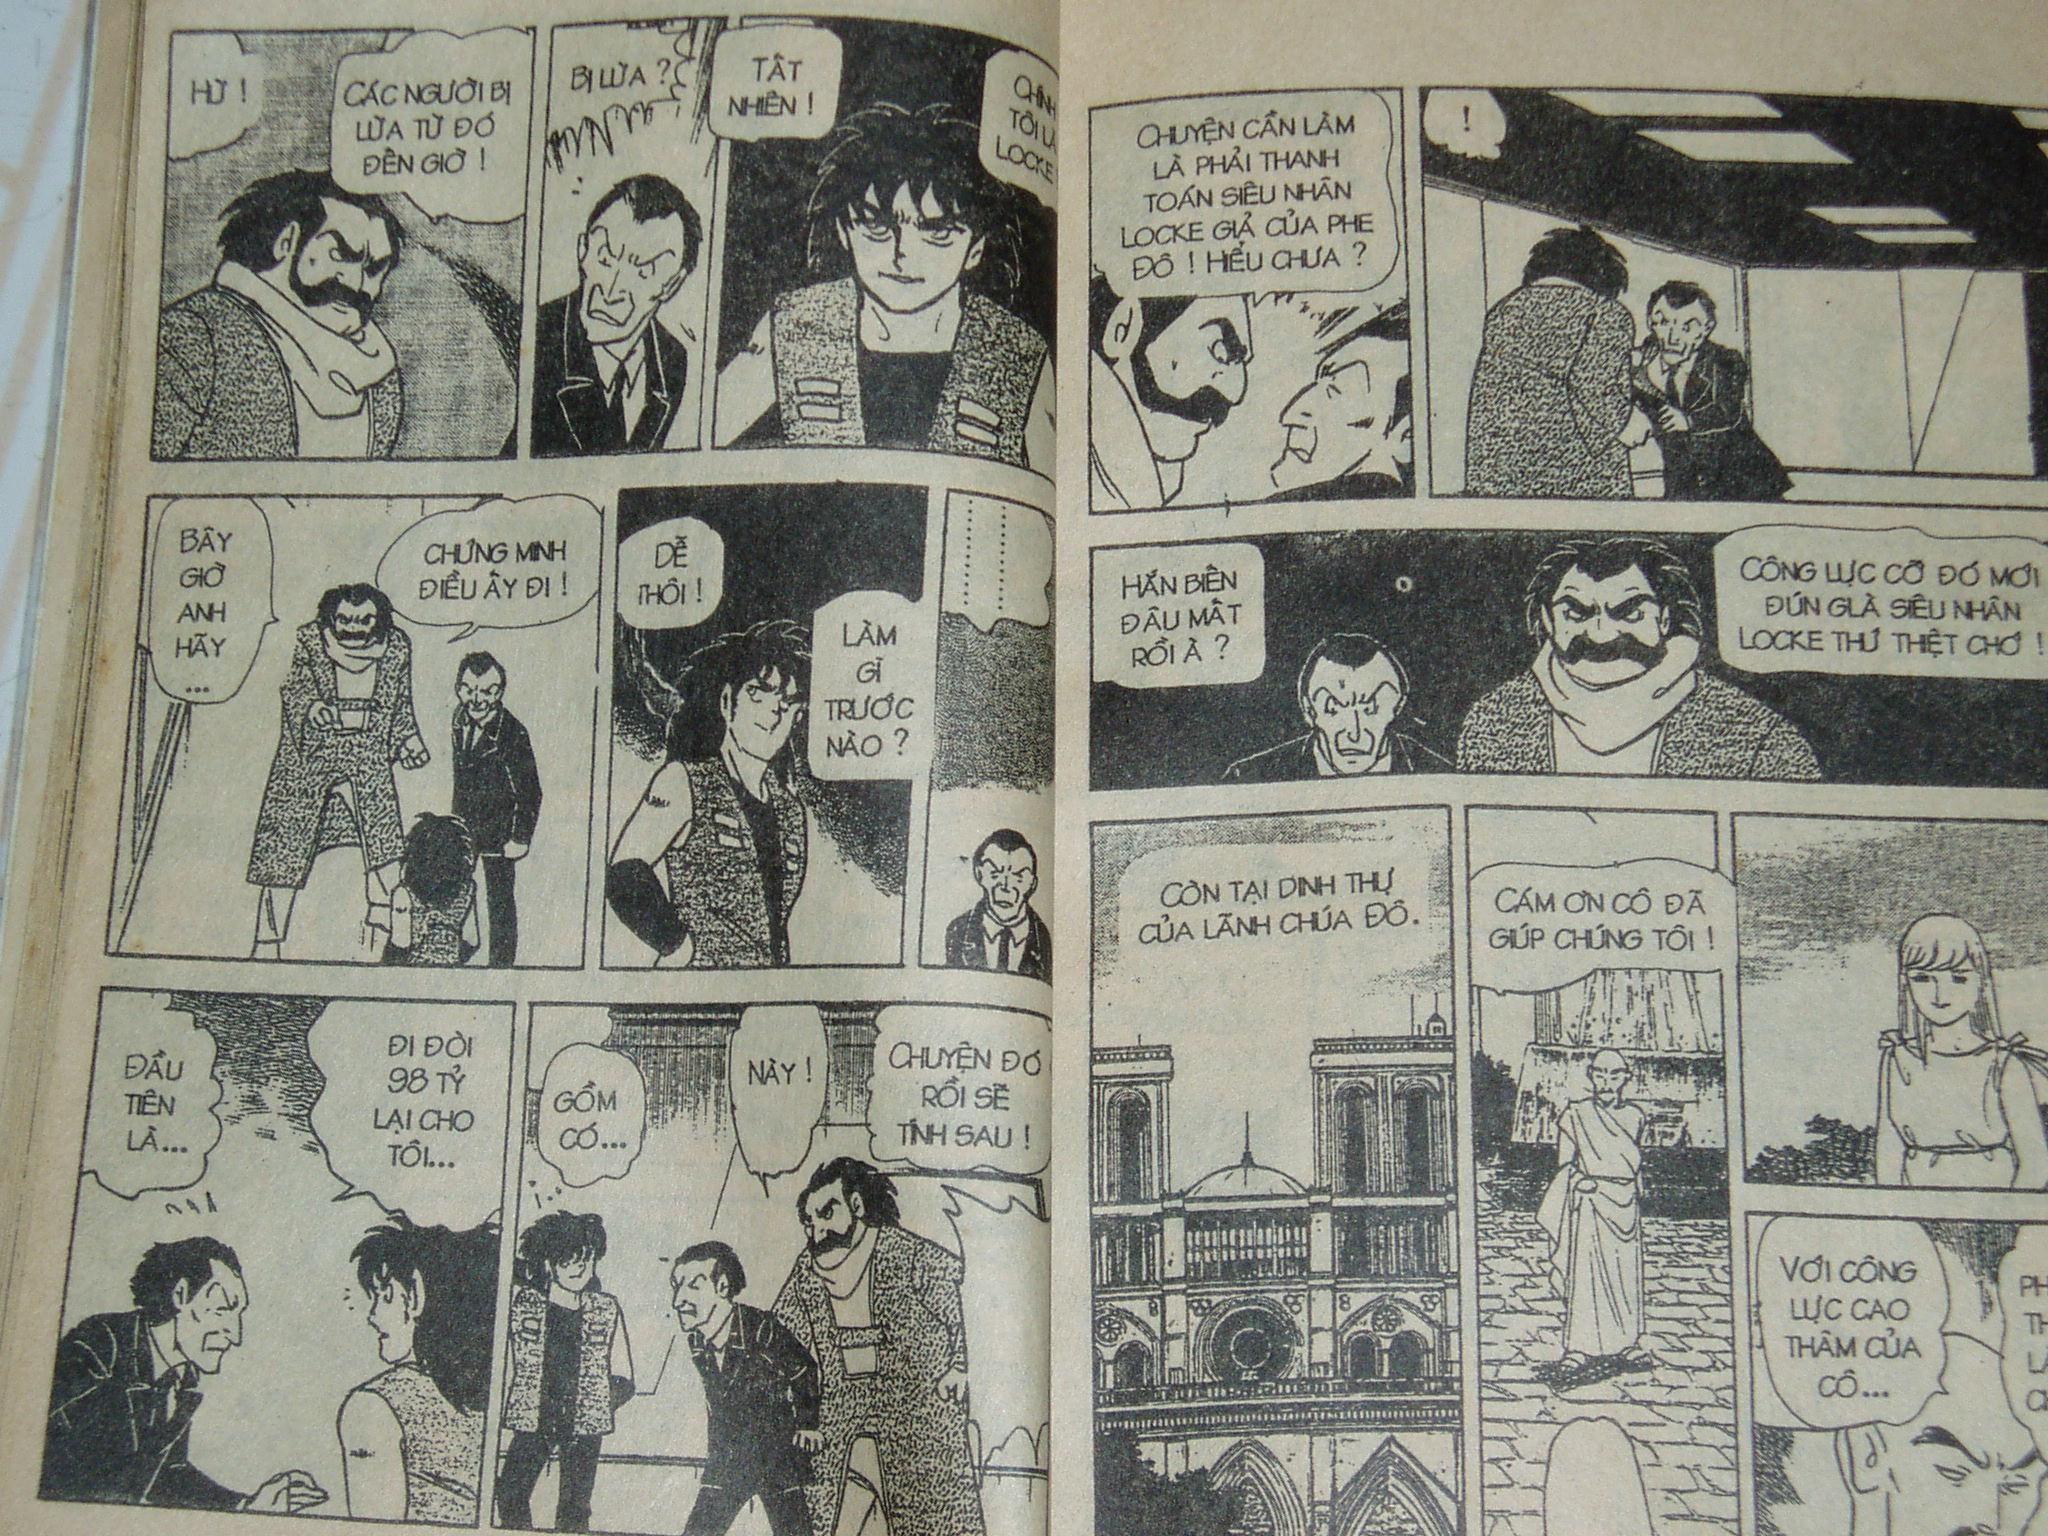 Siêu nhân Locke vol 18 trang 20